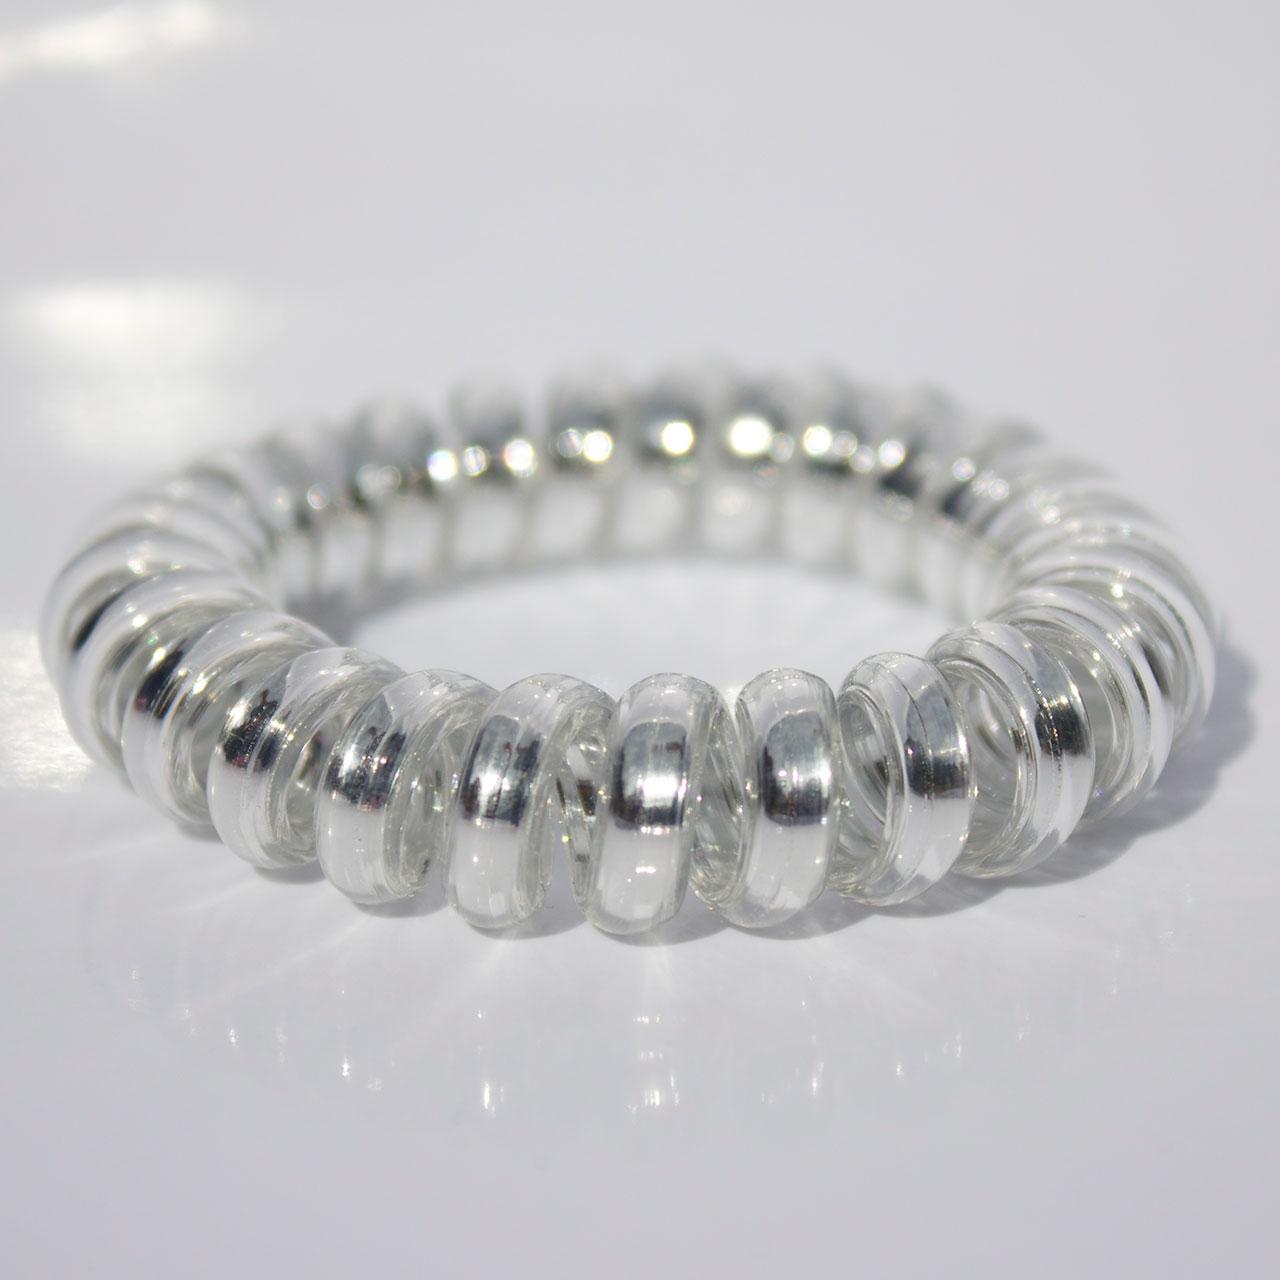 Strieborná gumička do vlasov Hairfix - Metallic Silver